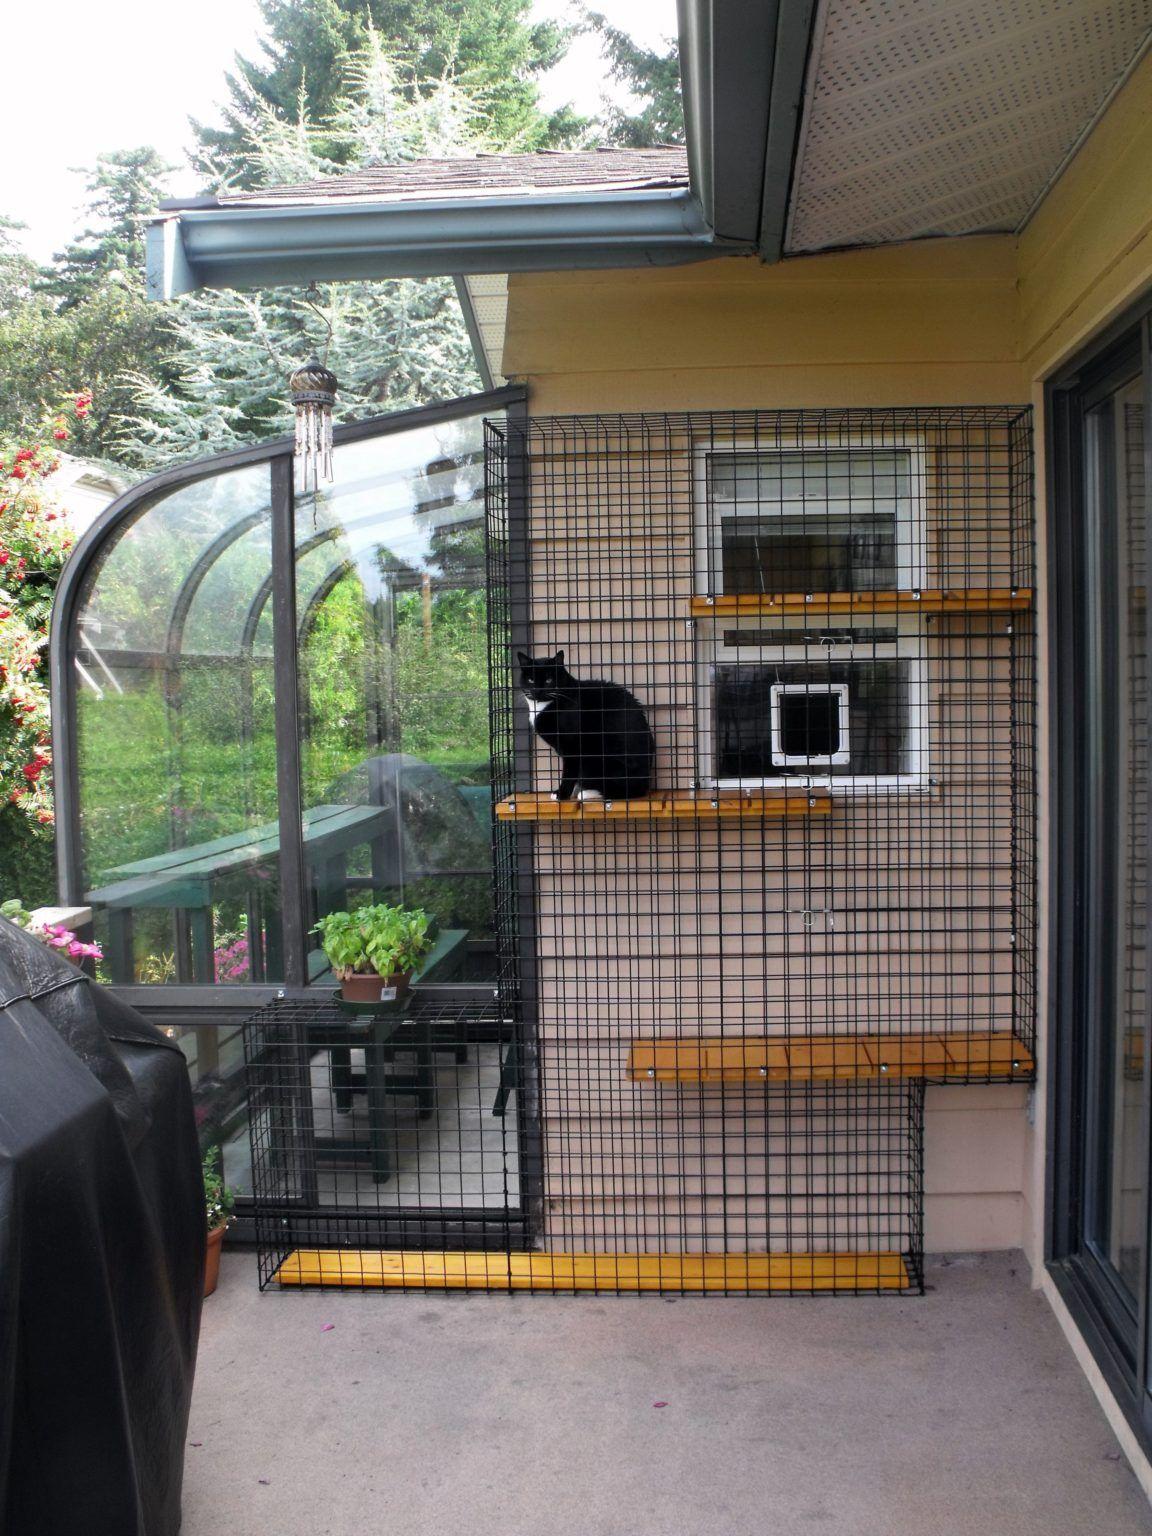 Catio Spaces, Cat Enclosures, Cat Runs, Catios in 2020